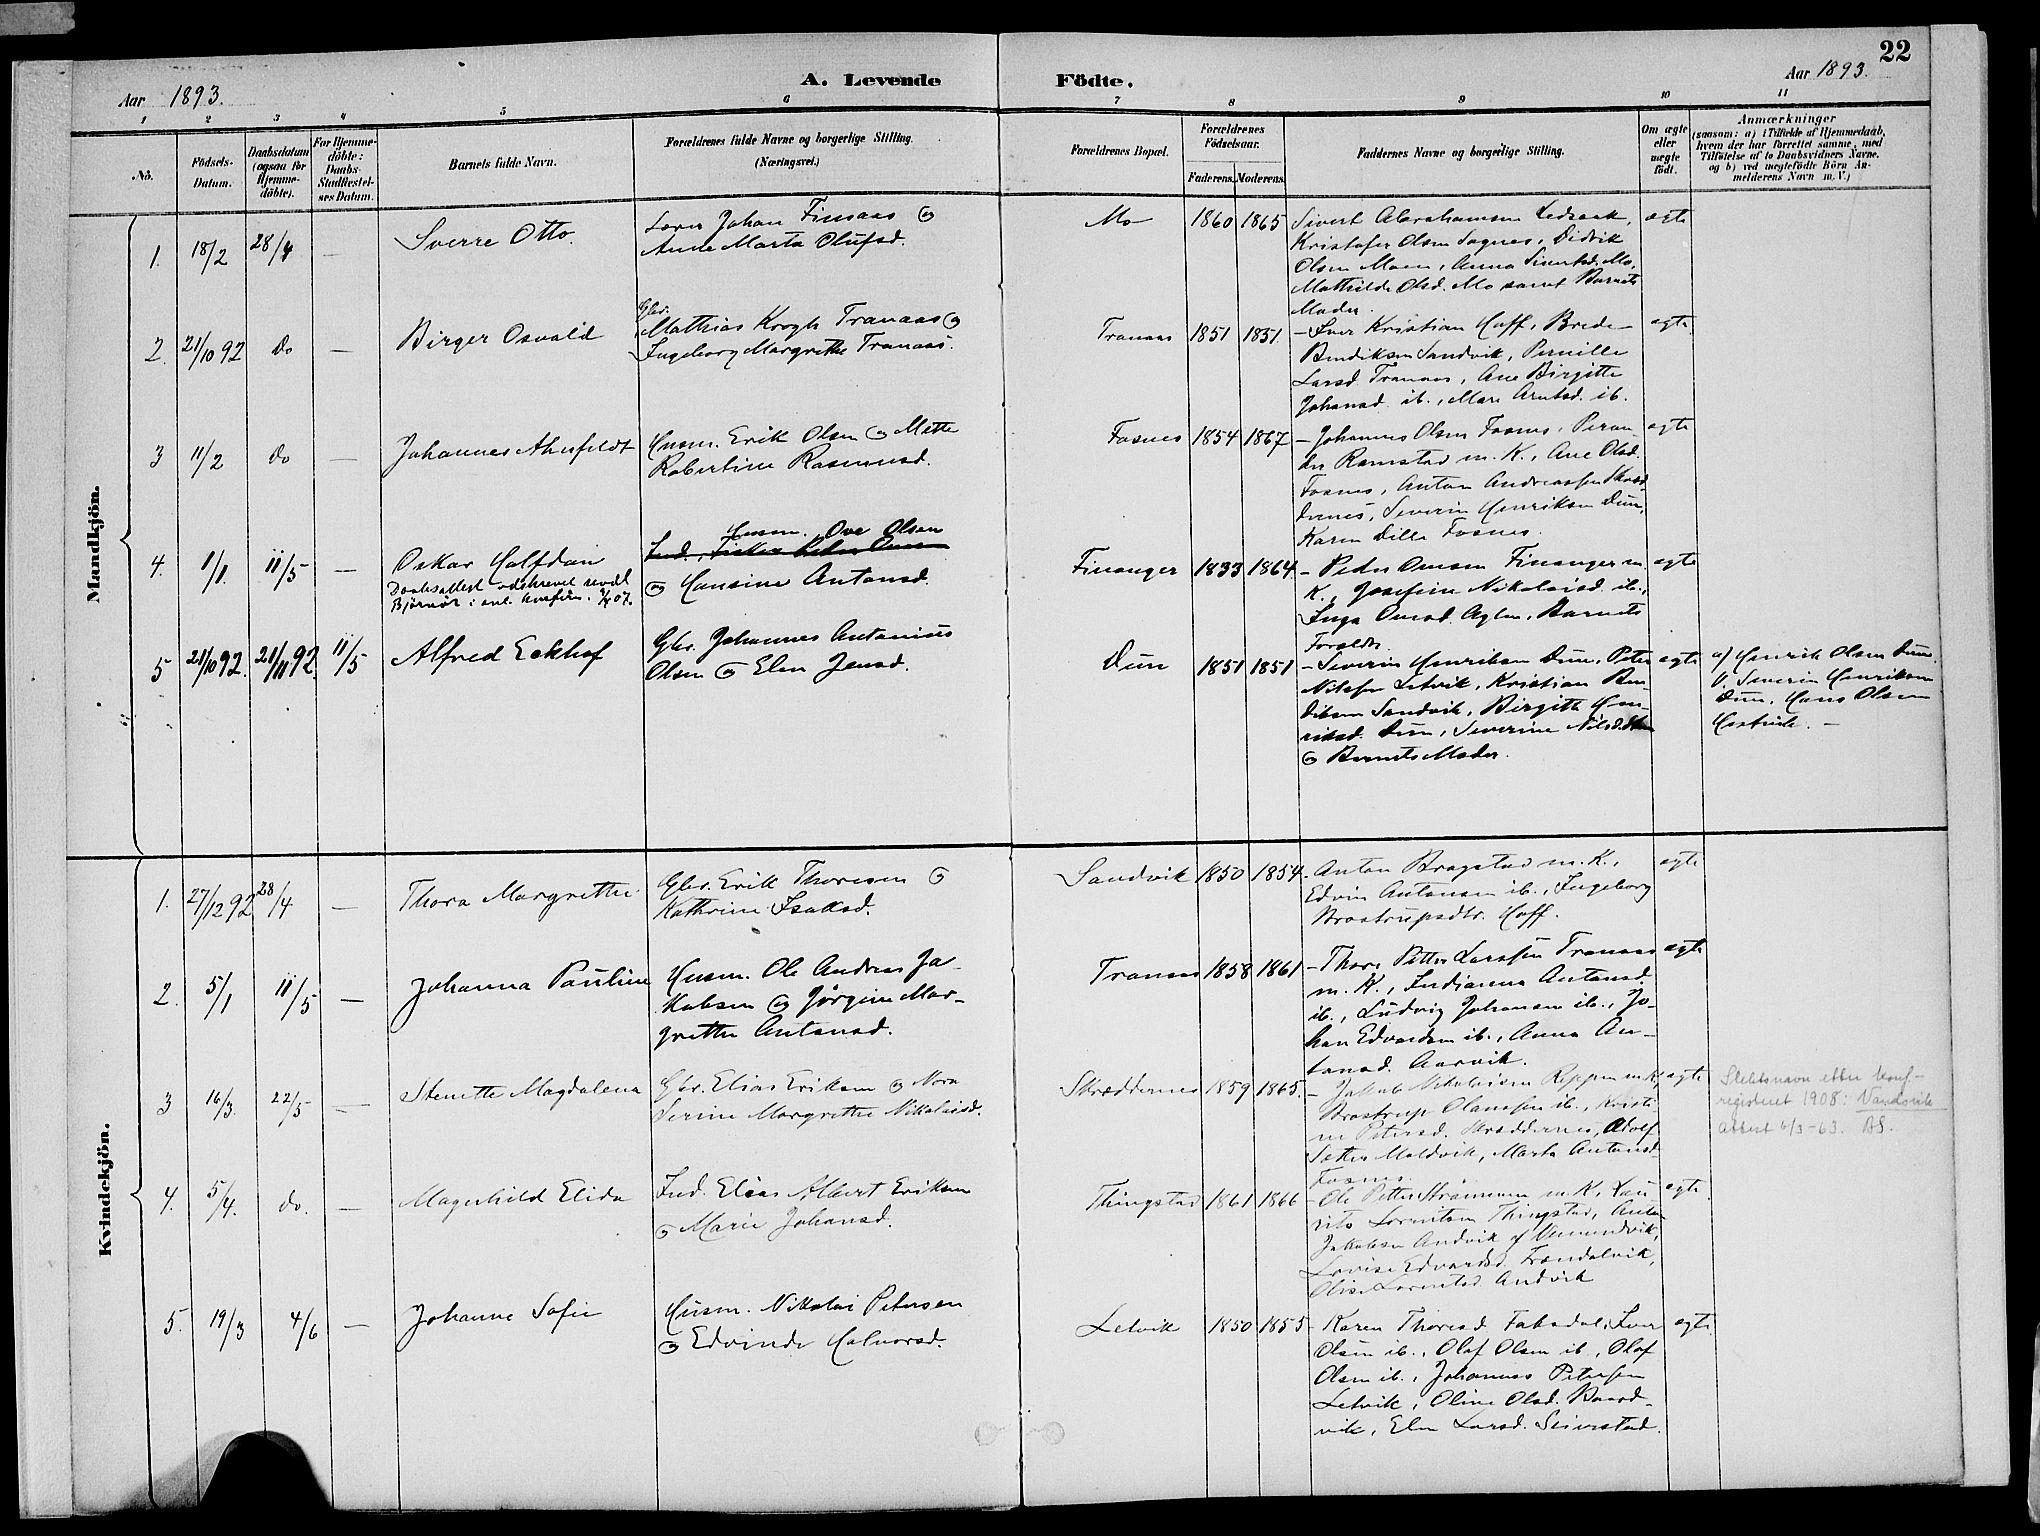 SAT, Ministerialprotokoller, klokkerbøker og fødselsregistre - Nord-Trøndelag, 773/L0617: Ministerialbok nr. 773A08, 1887-1910, s. 22